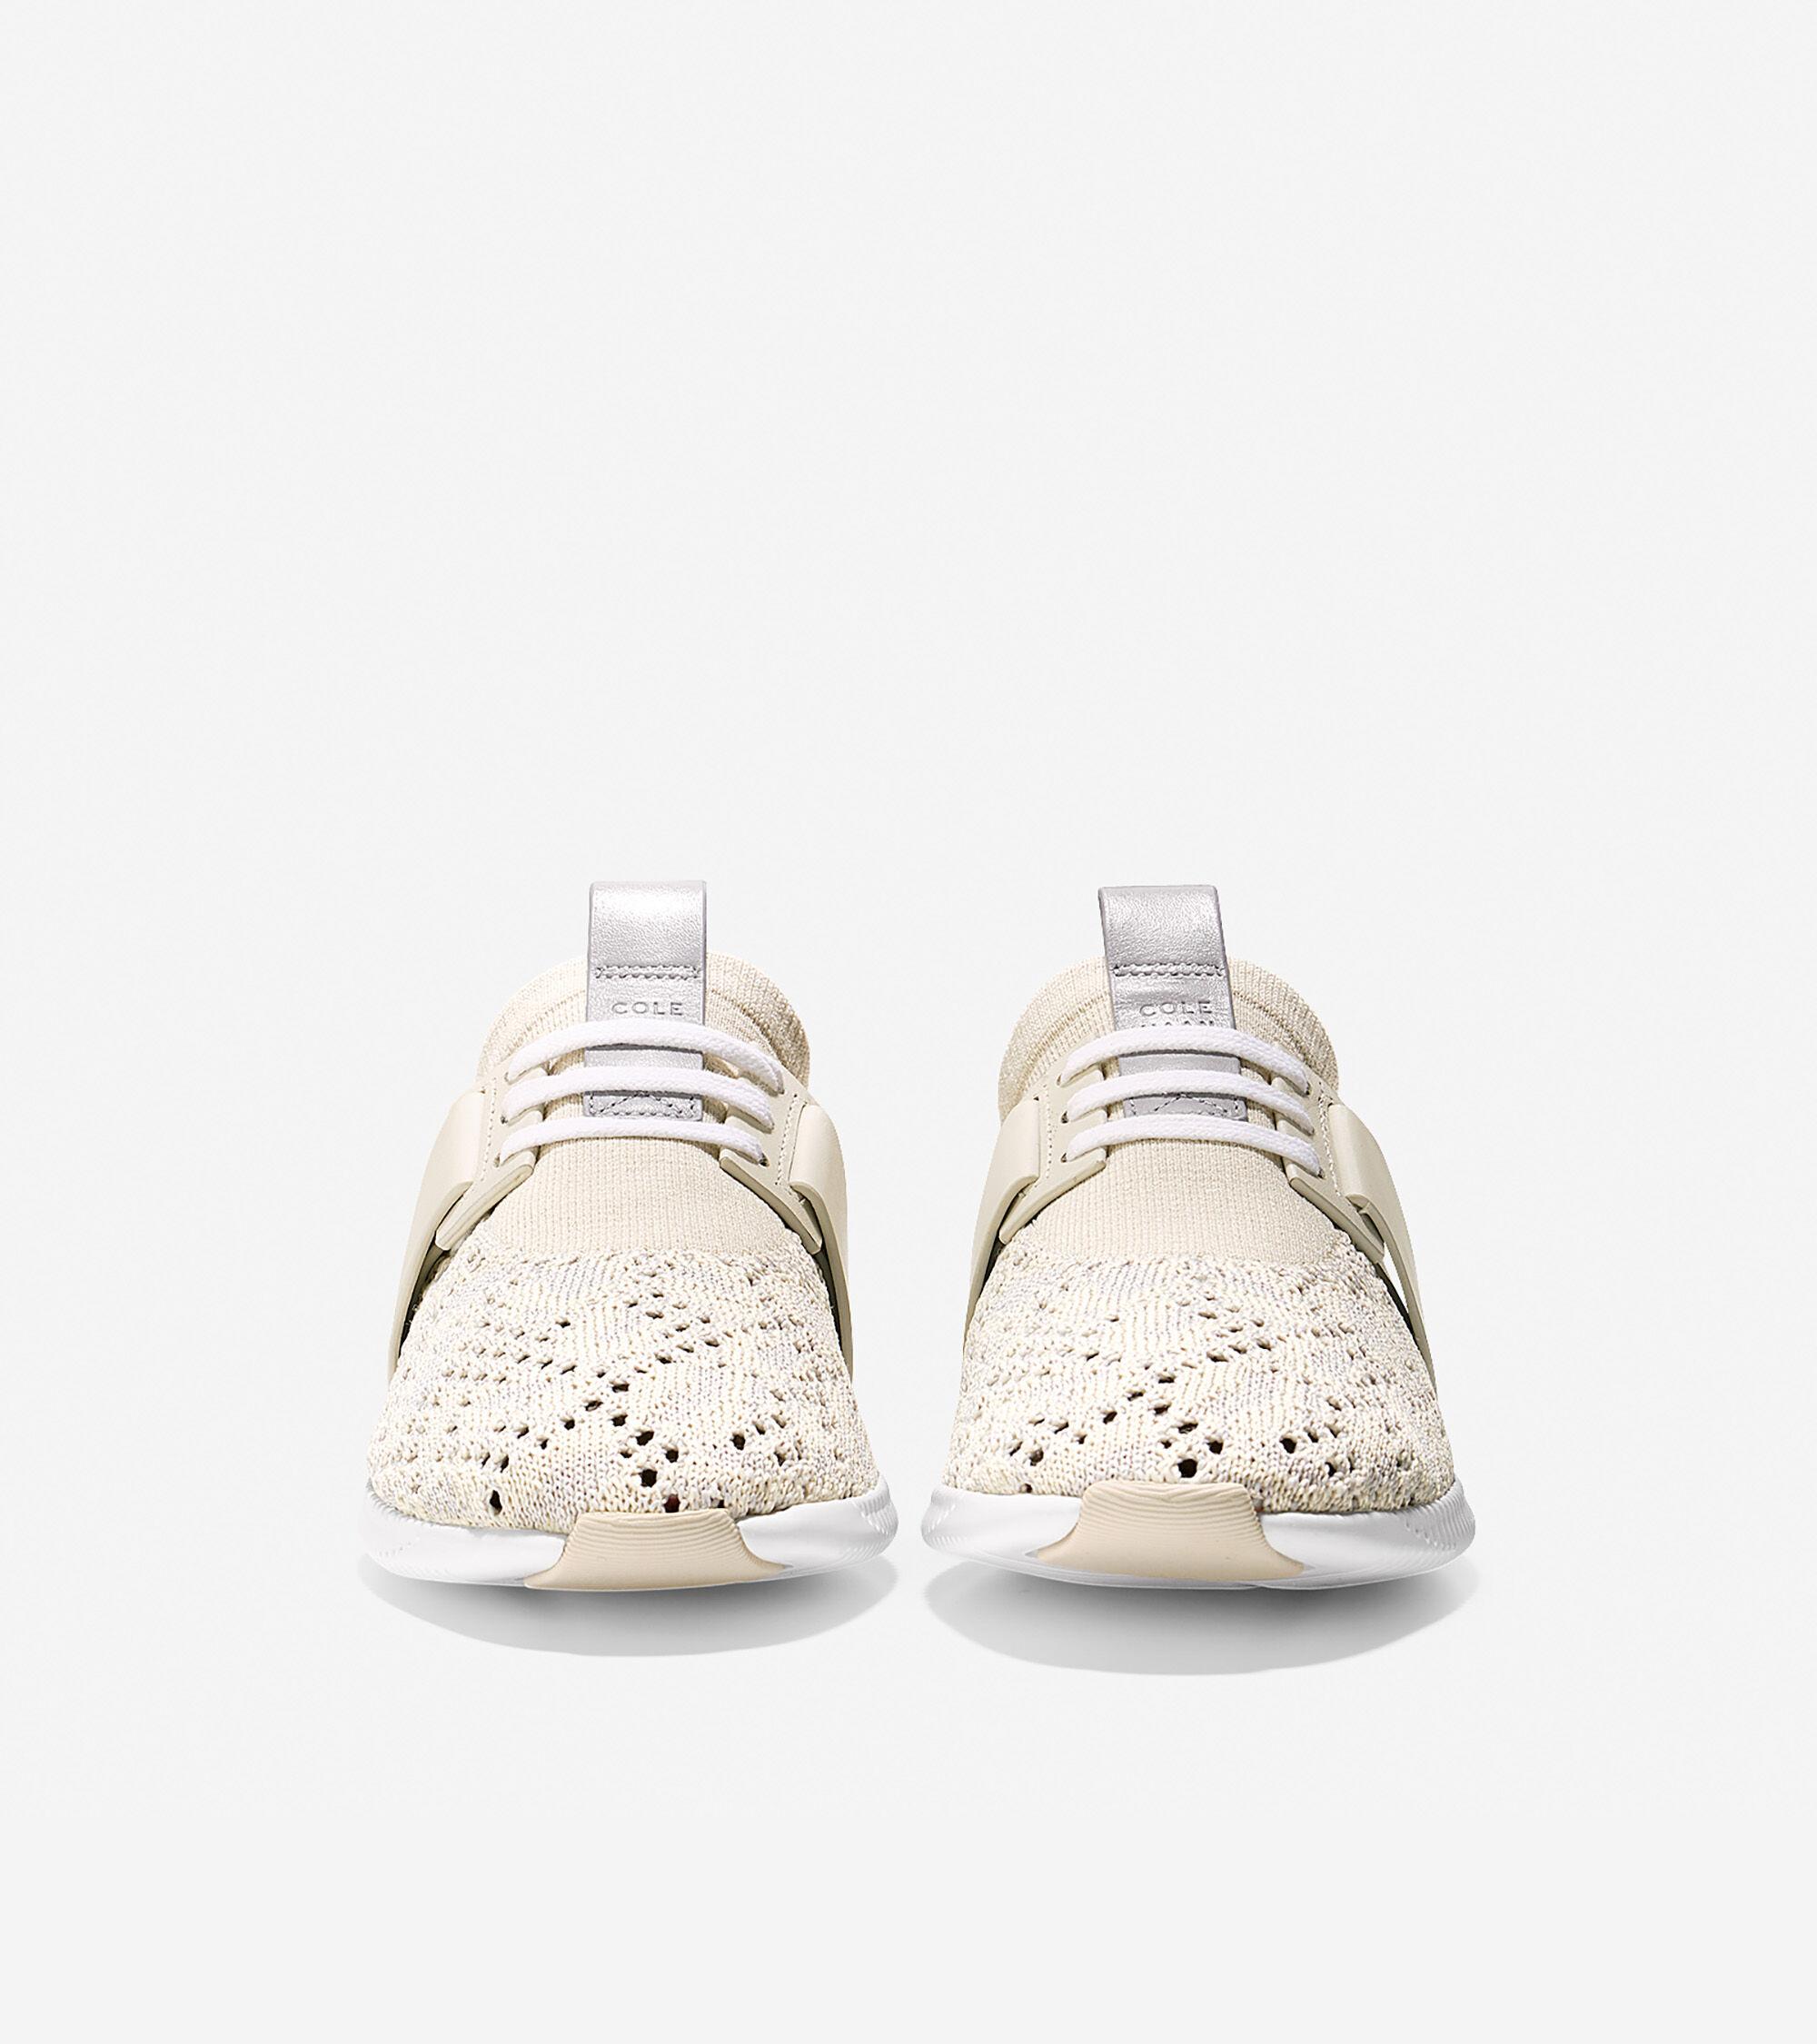 d293ab3e069 StudiøGrand Knit Sneaker · StudiøGrand Knit Sneaker ...